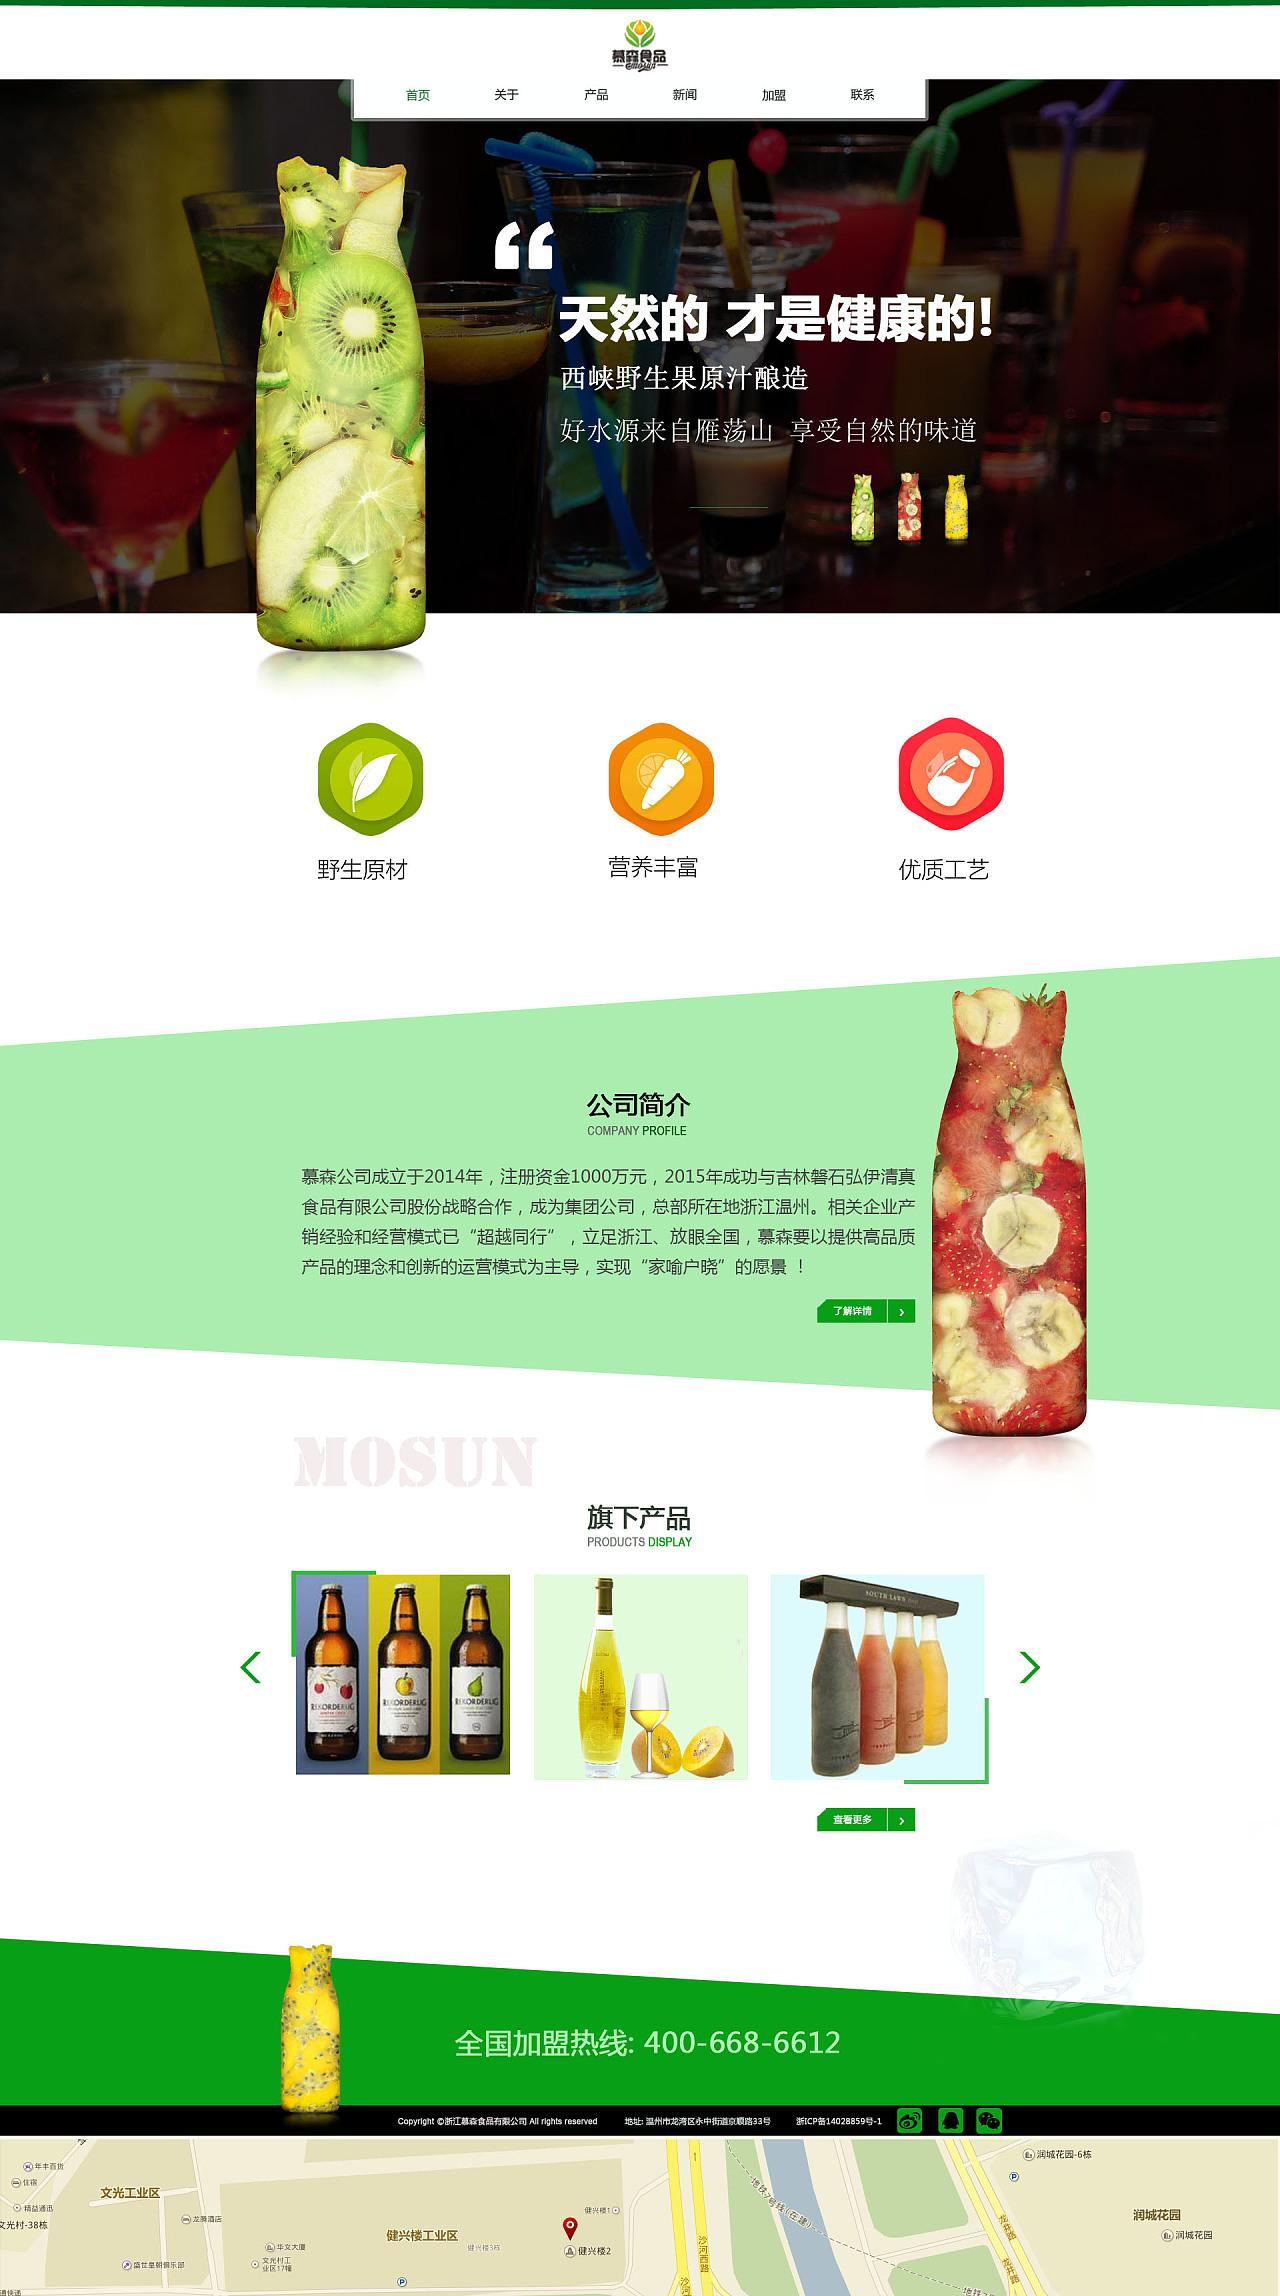 网页设计 慕森饮料公司企业站首页图片